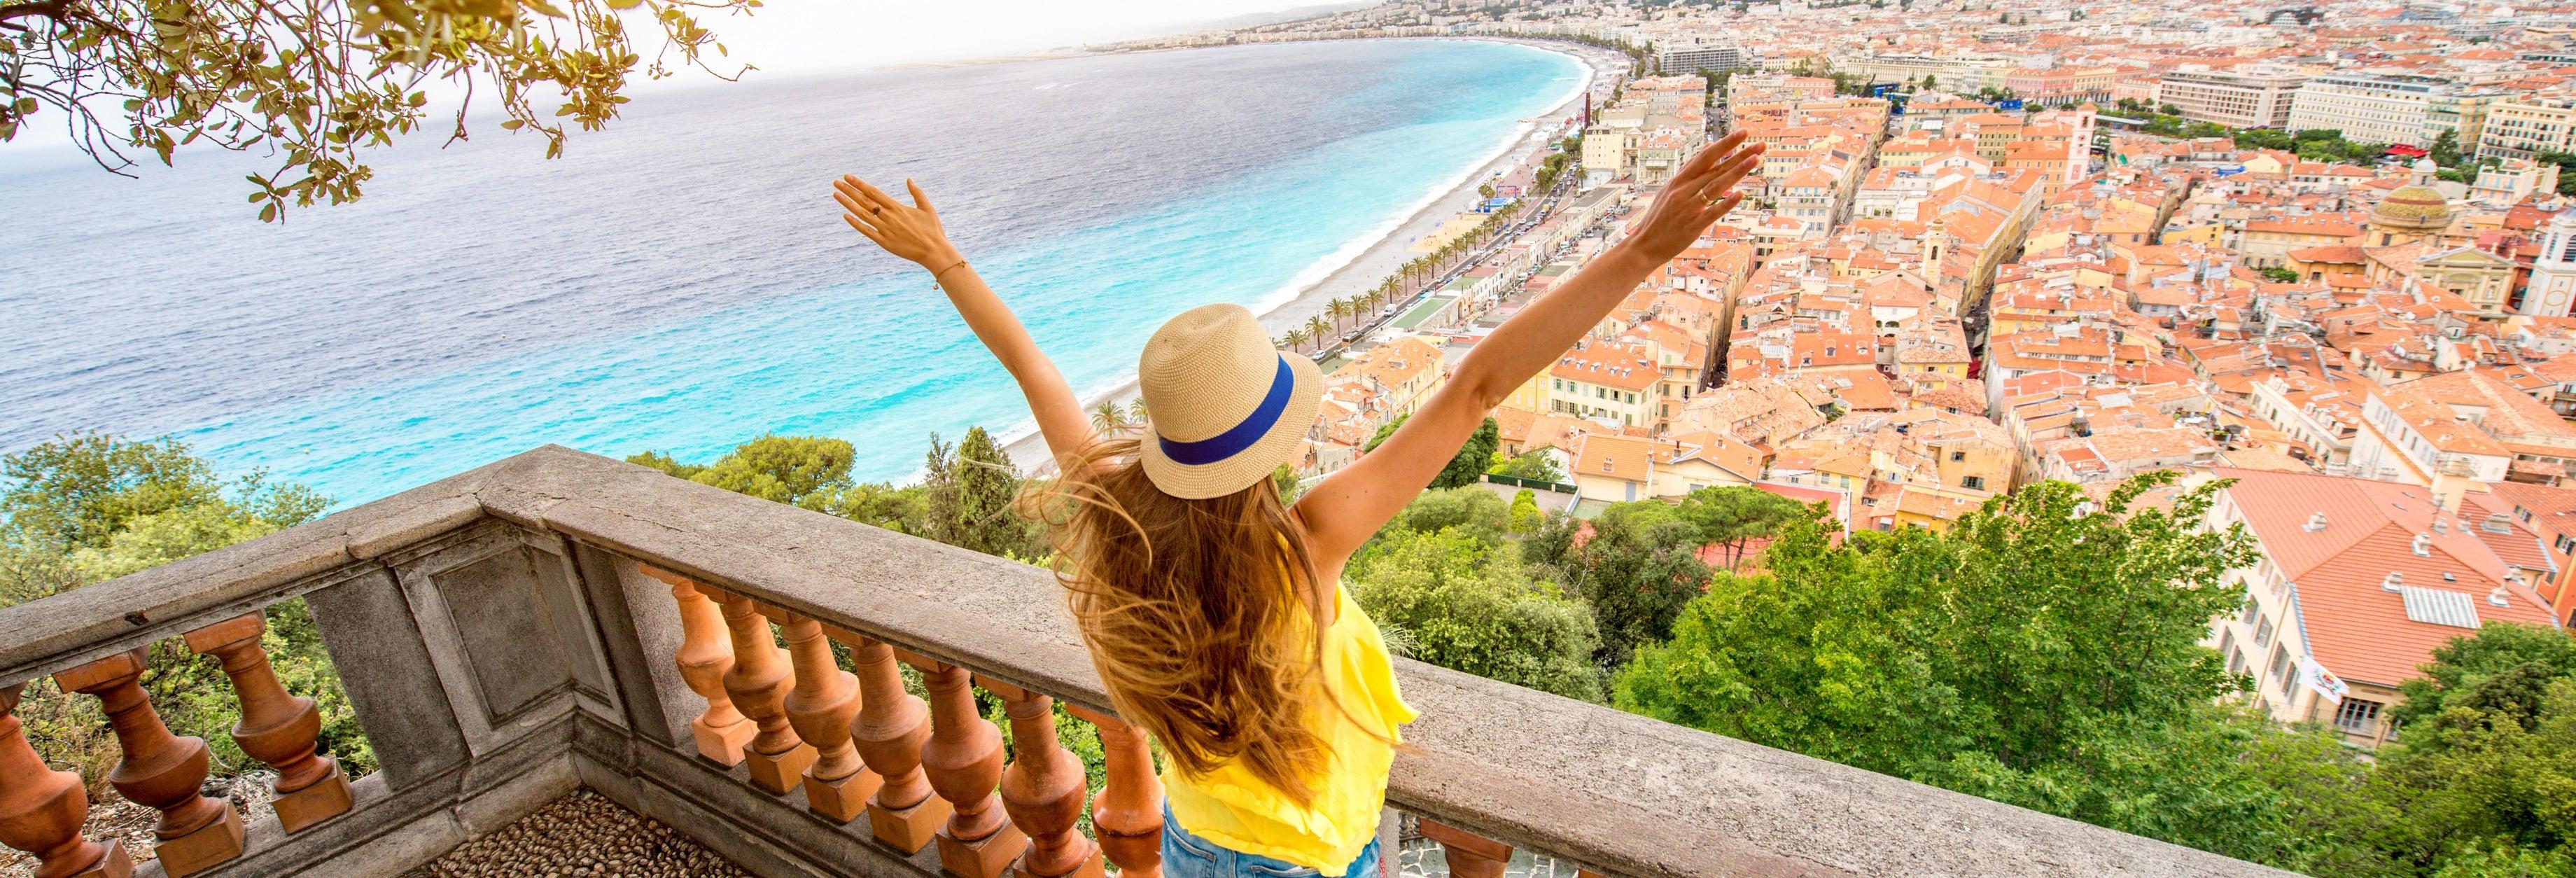 Tour privado por Niza con guía en español